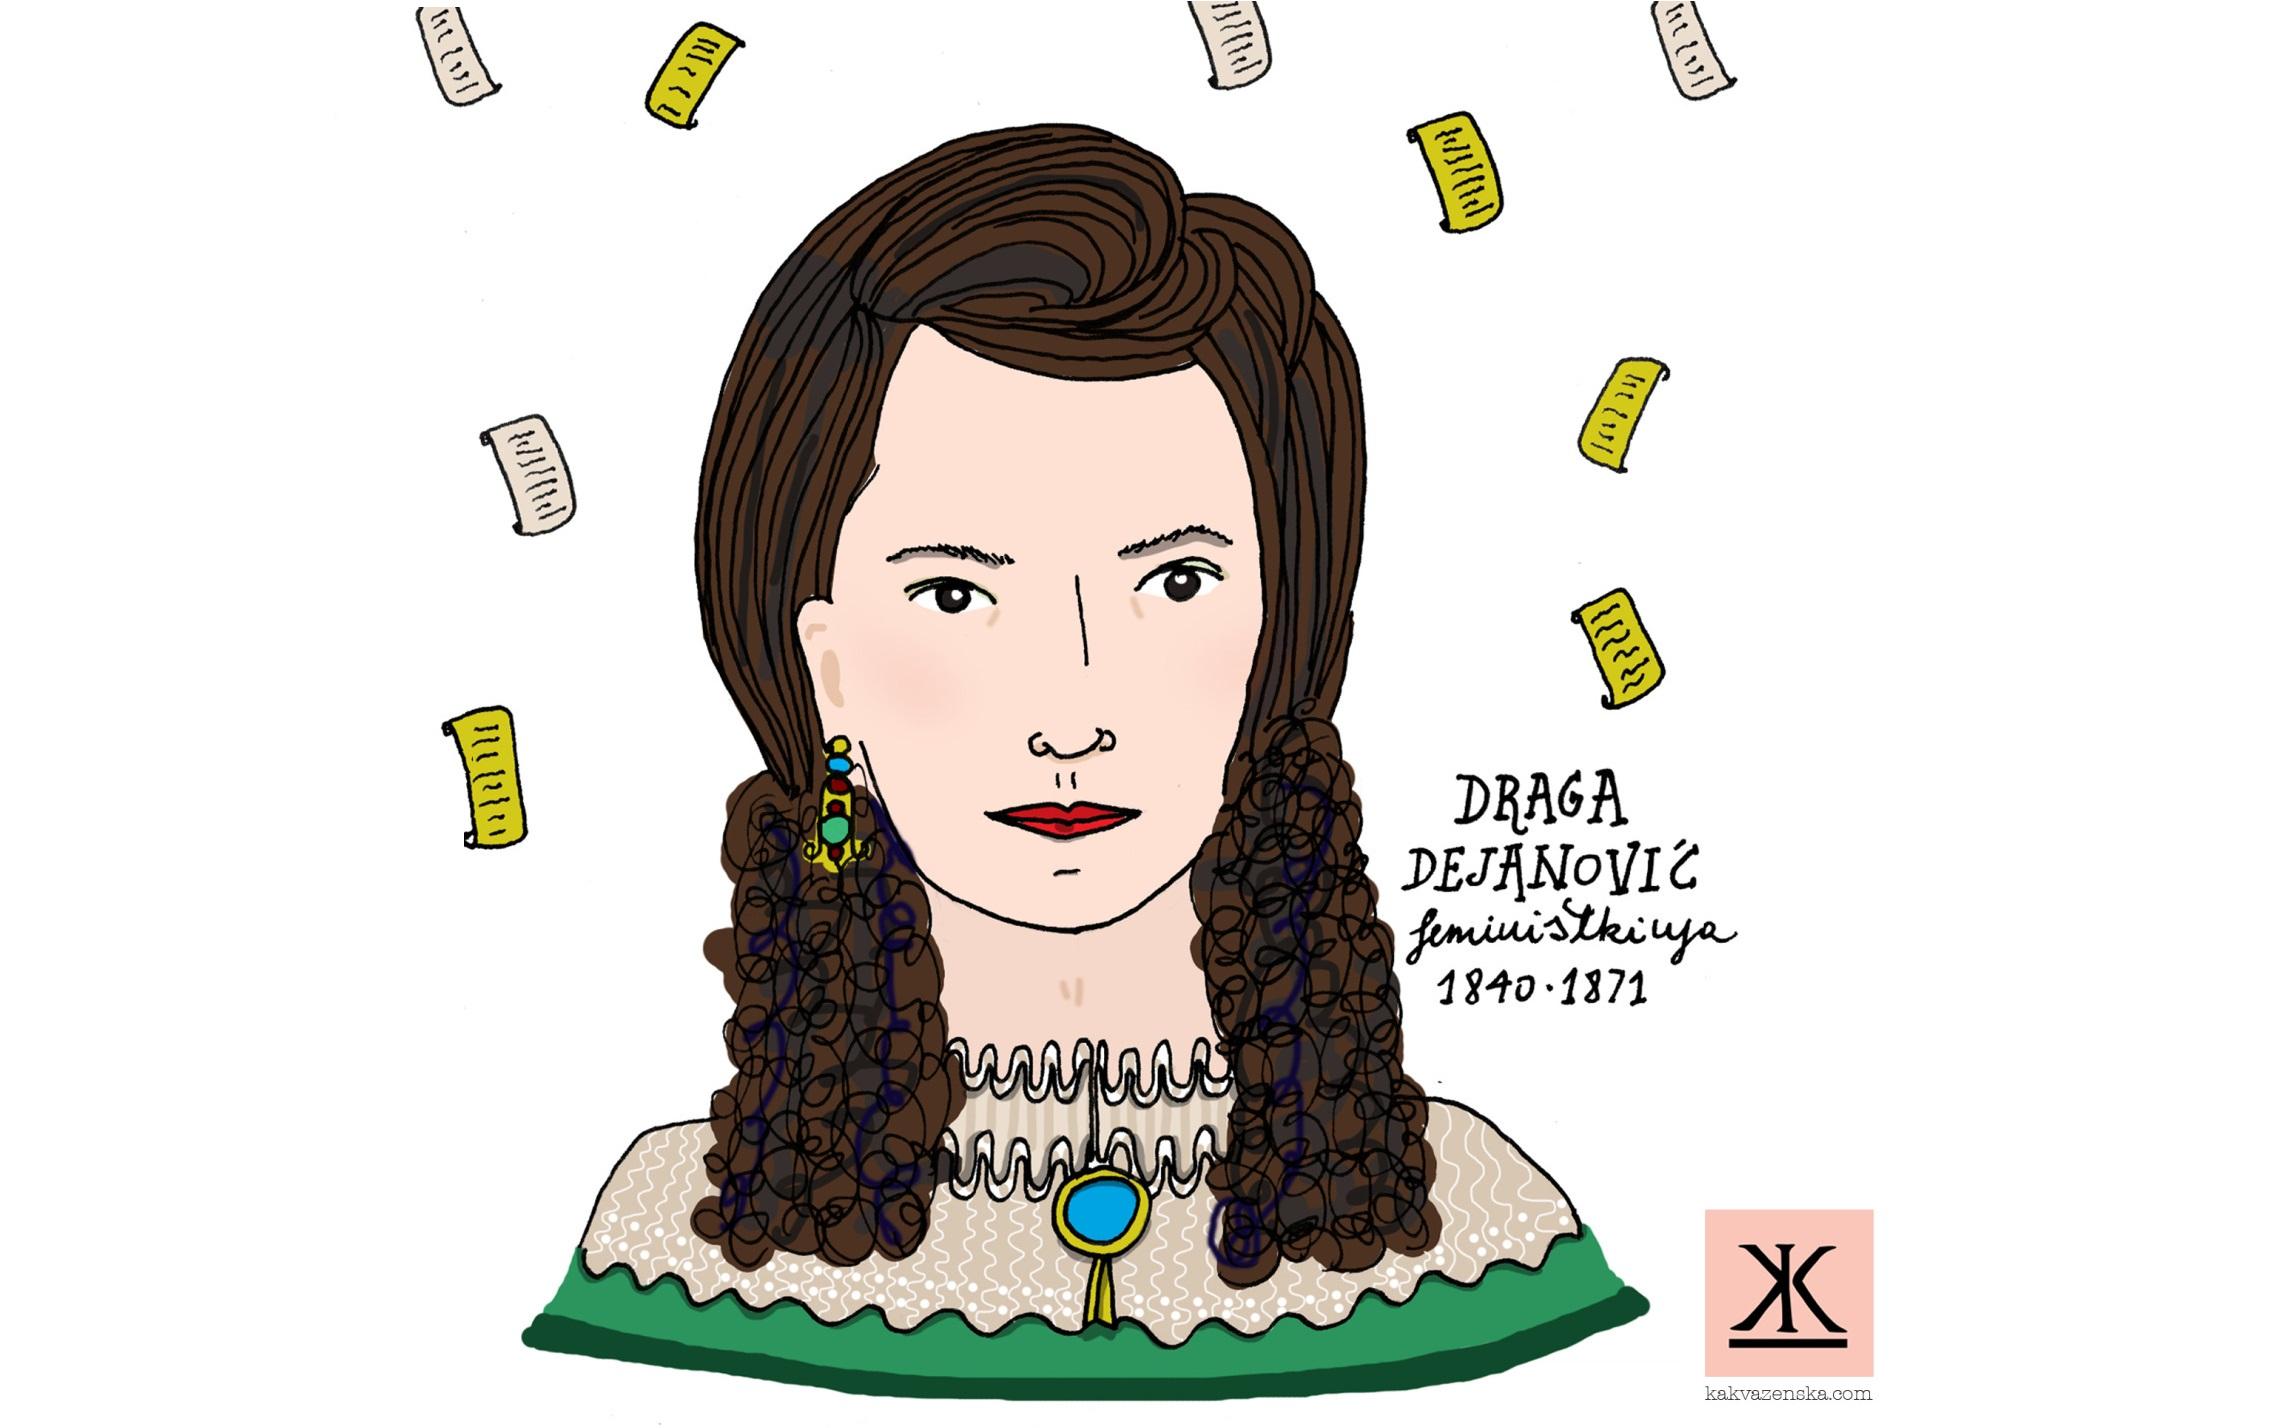 Draga Dejanović: Ja sam žena, ali smem